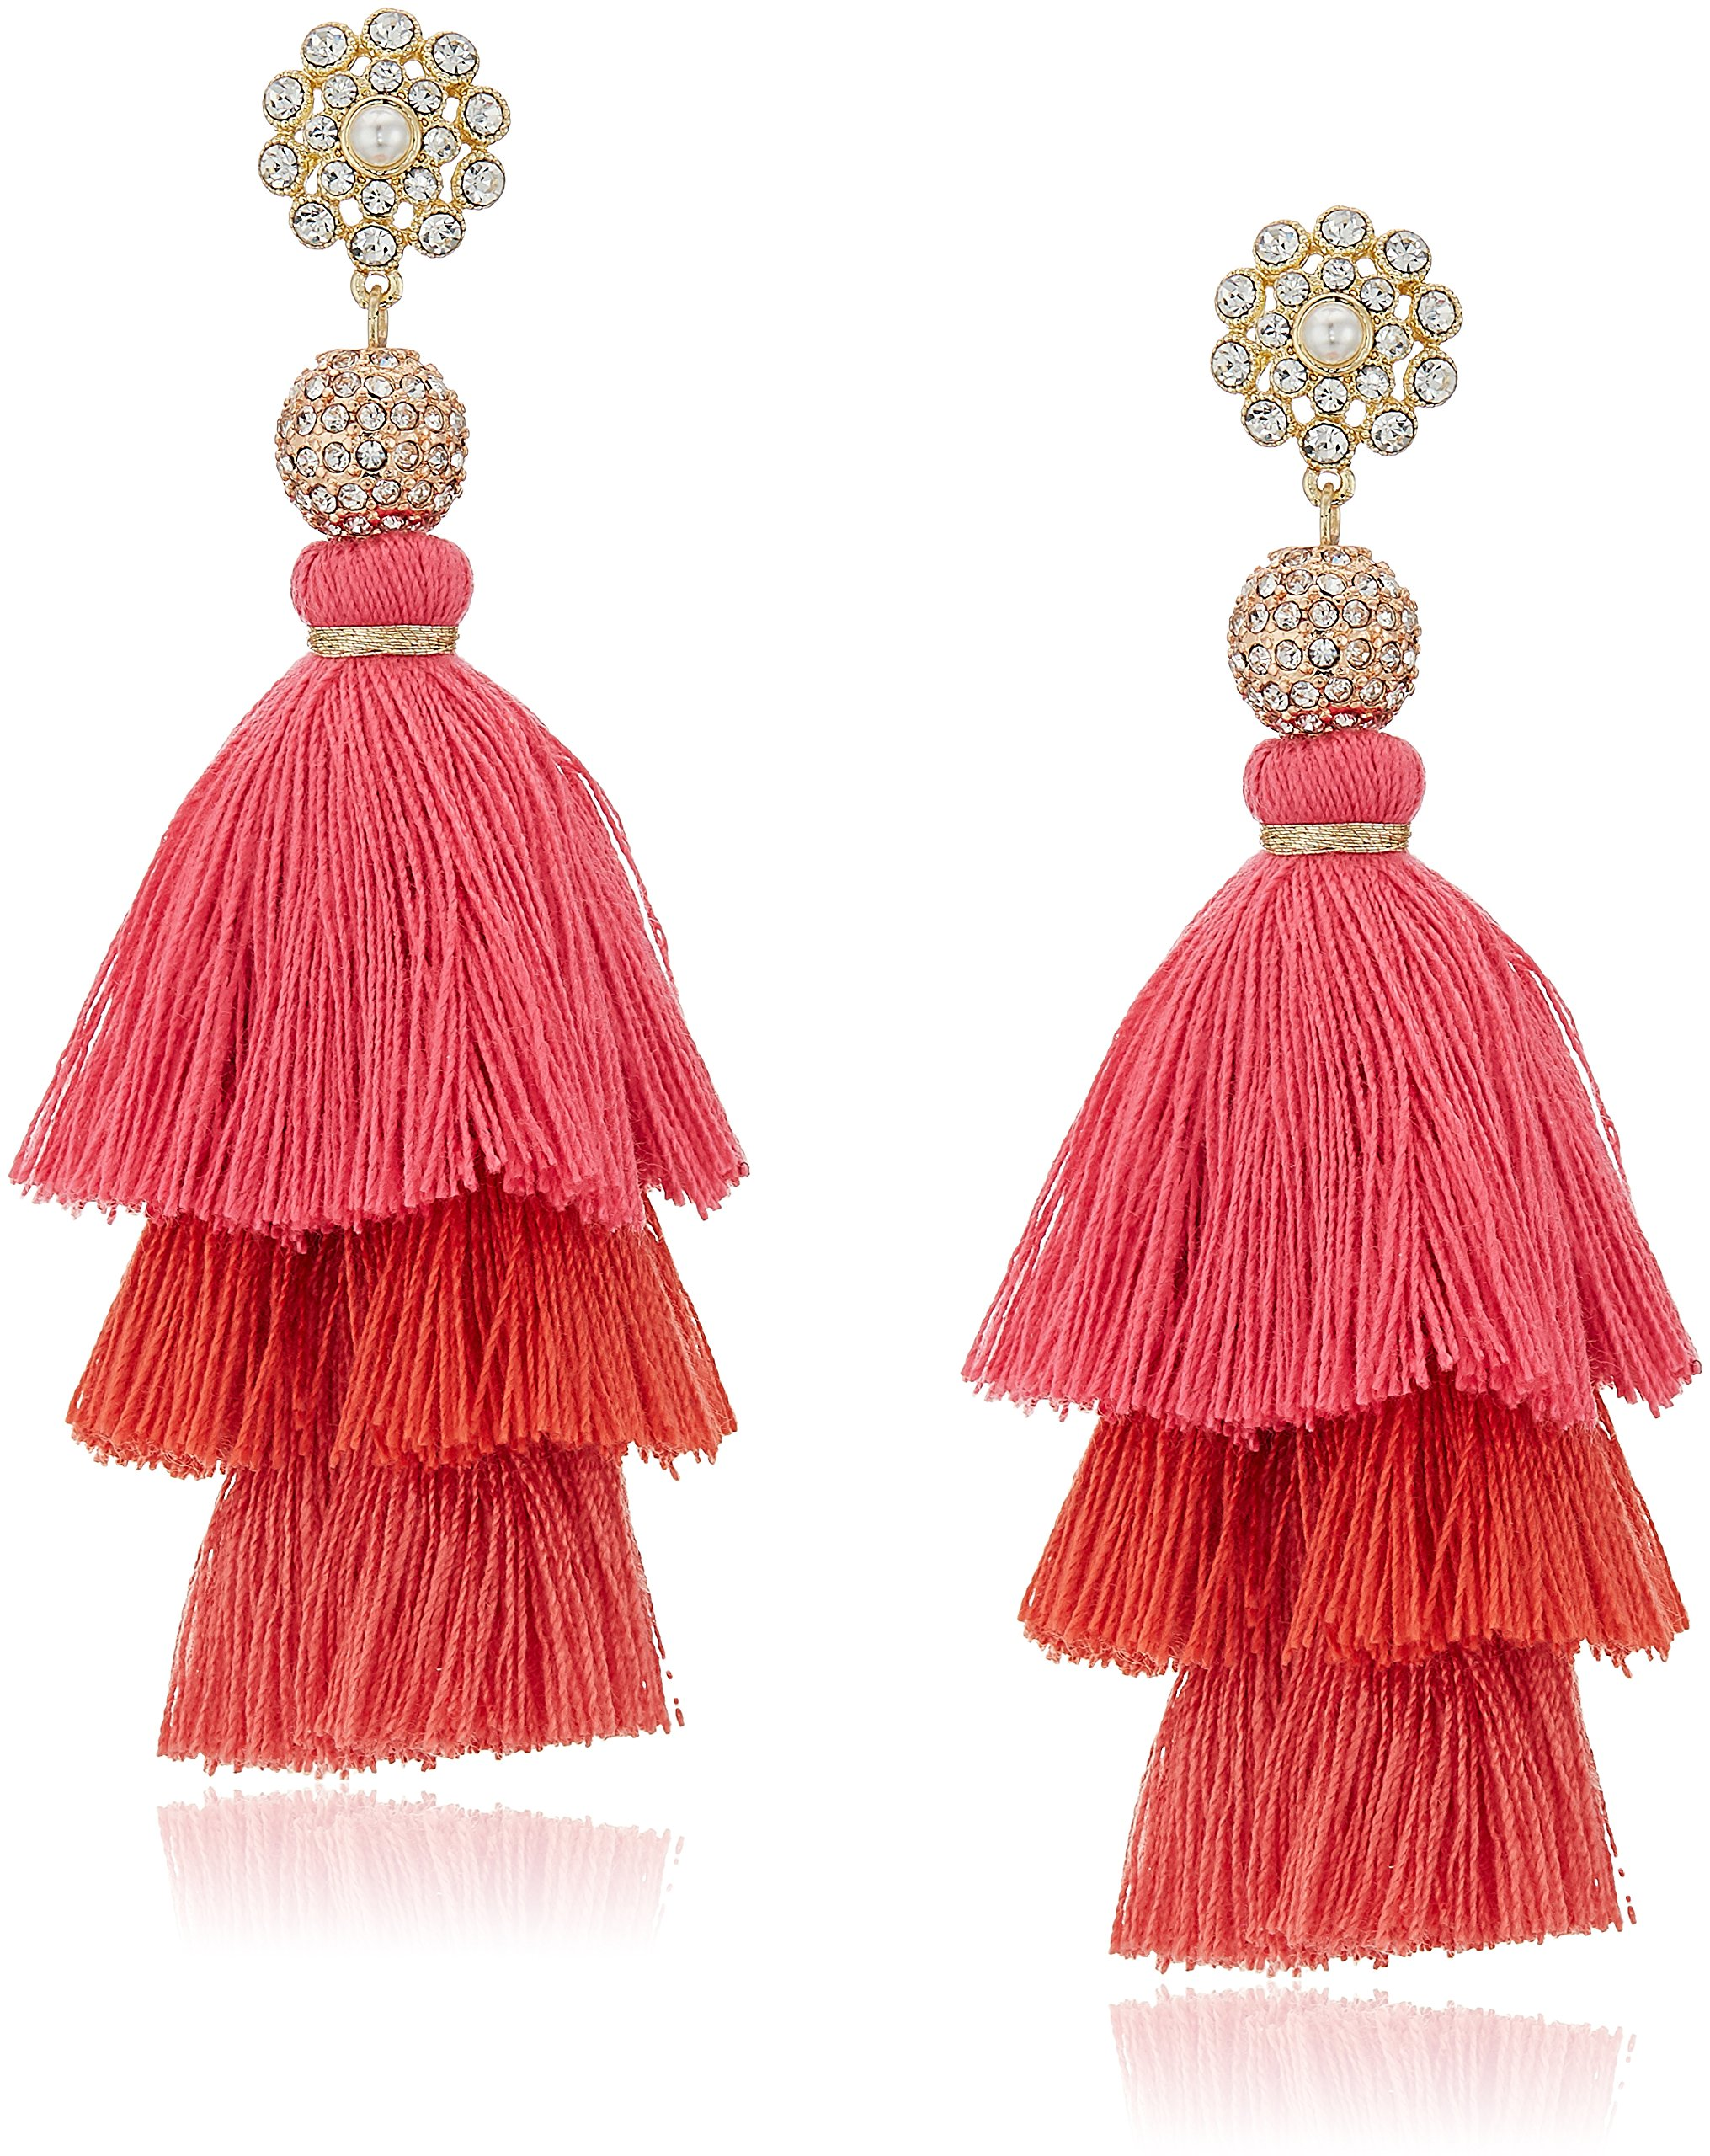 Badgley Mischka Womens Pink Ombre Triple Tassel Drop Earrings, Gold Tone, One Size